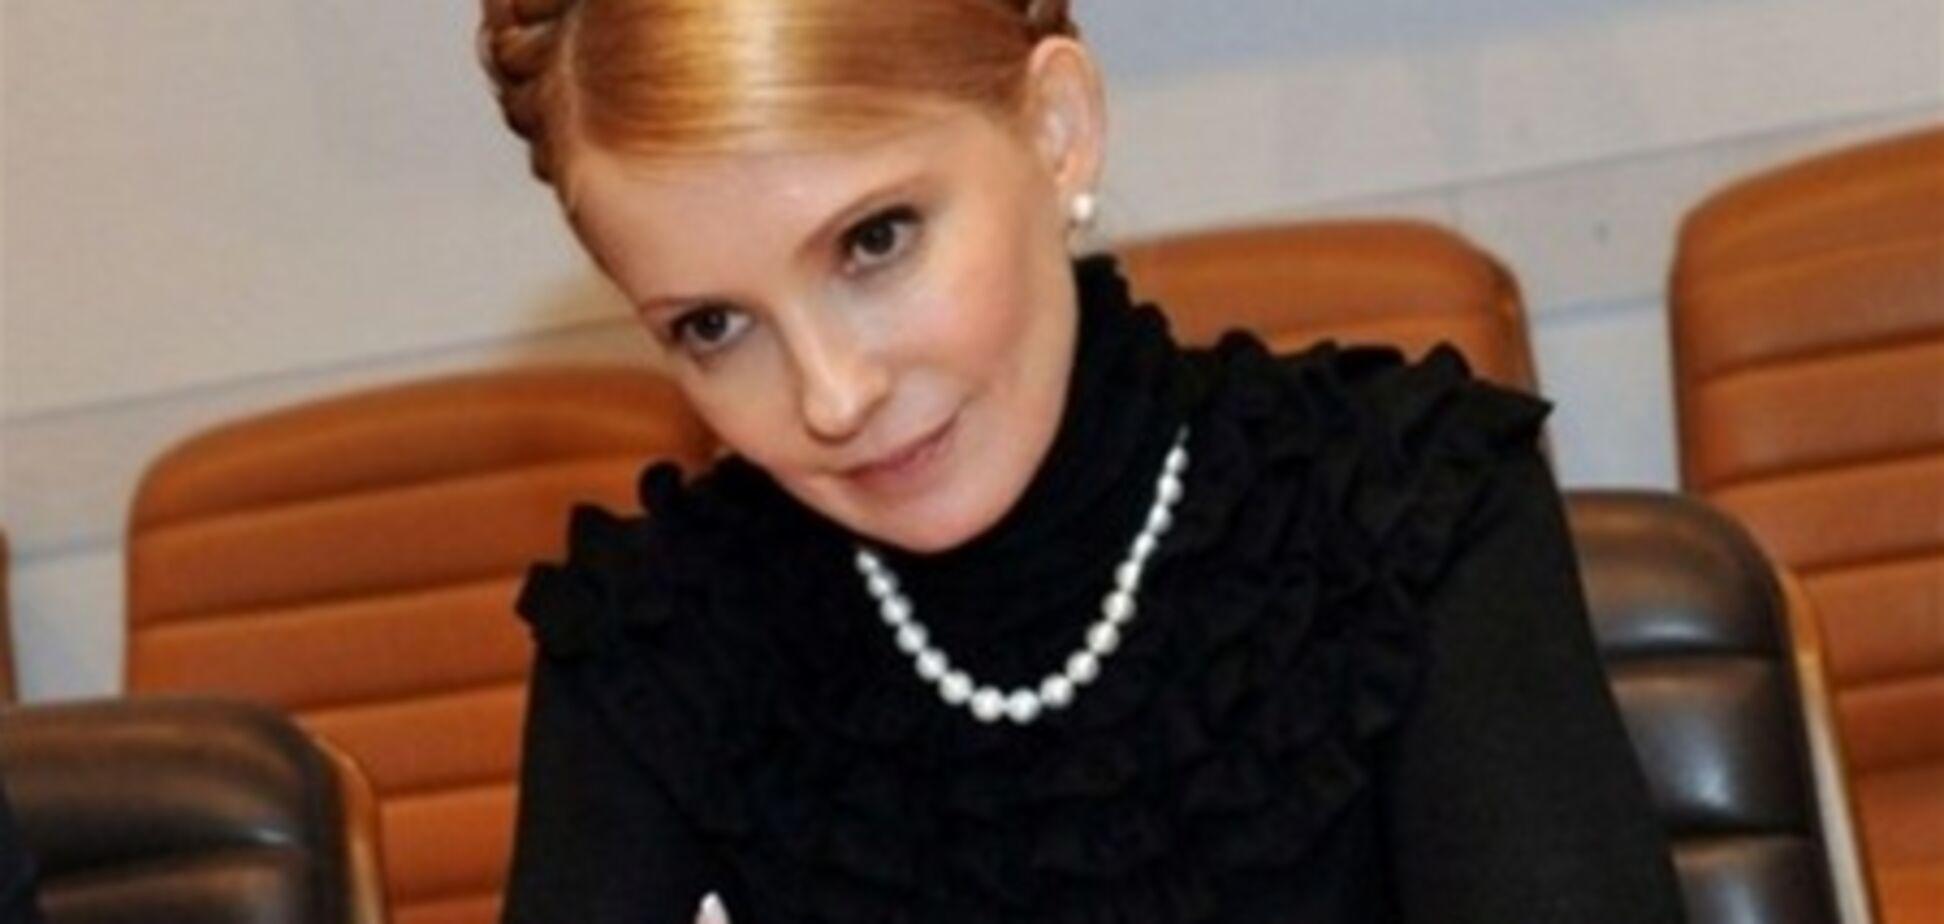 «Квадратні метри» Тимошенко: від квартири у Дніпропетровську до камери у Качанівці. Ч. 2